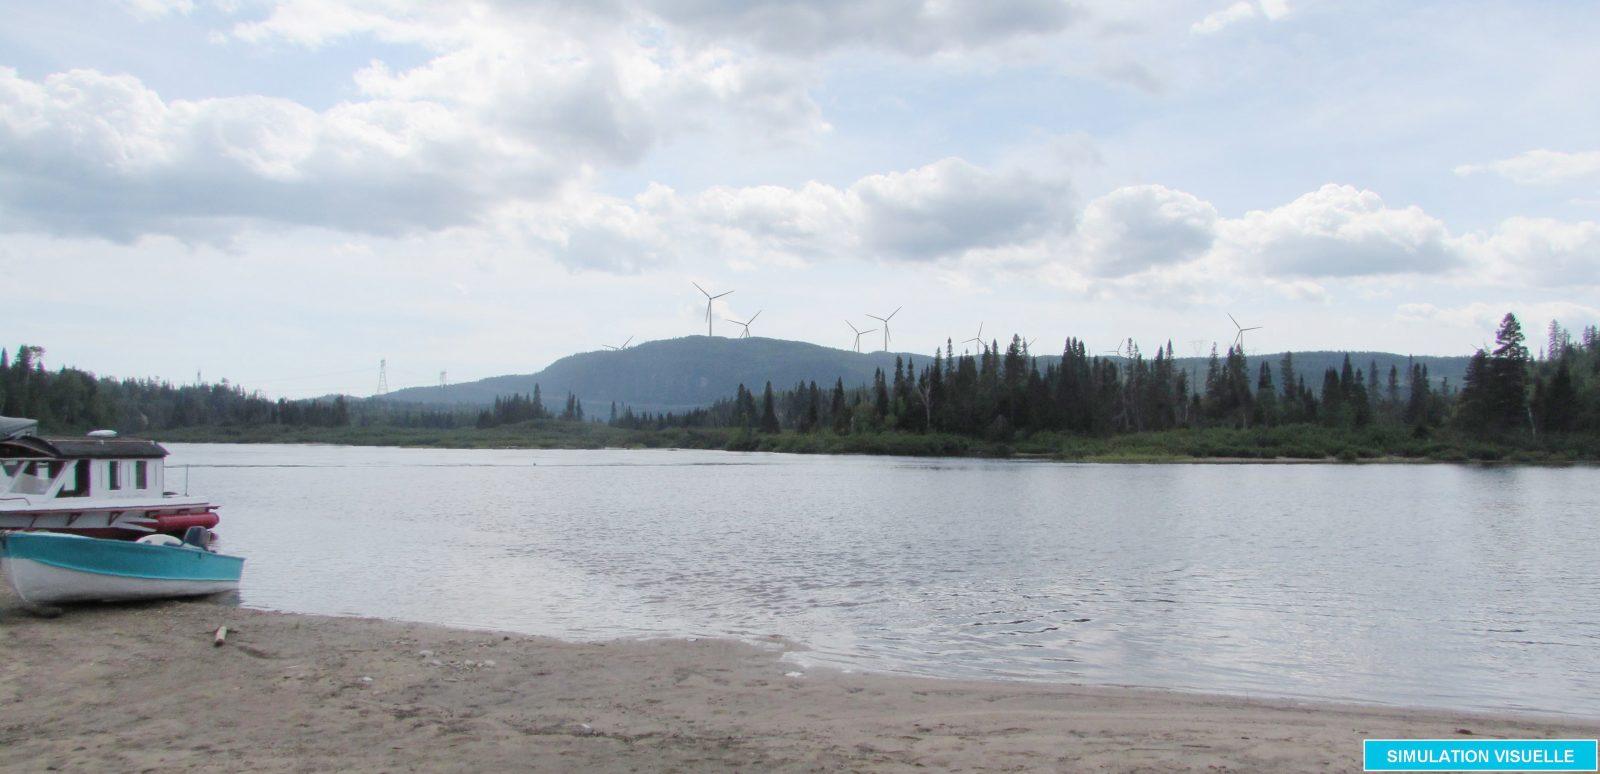 Projet éolien Apuiat : l'annonce du gouvernement est bien accueillie dans la région